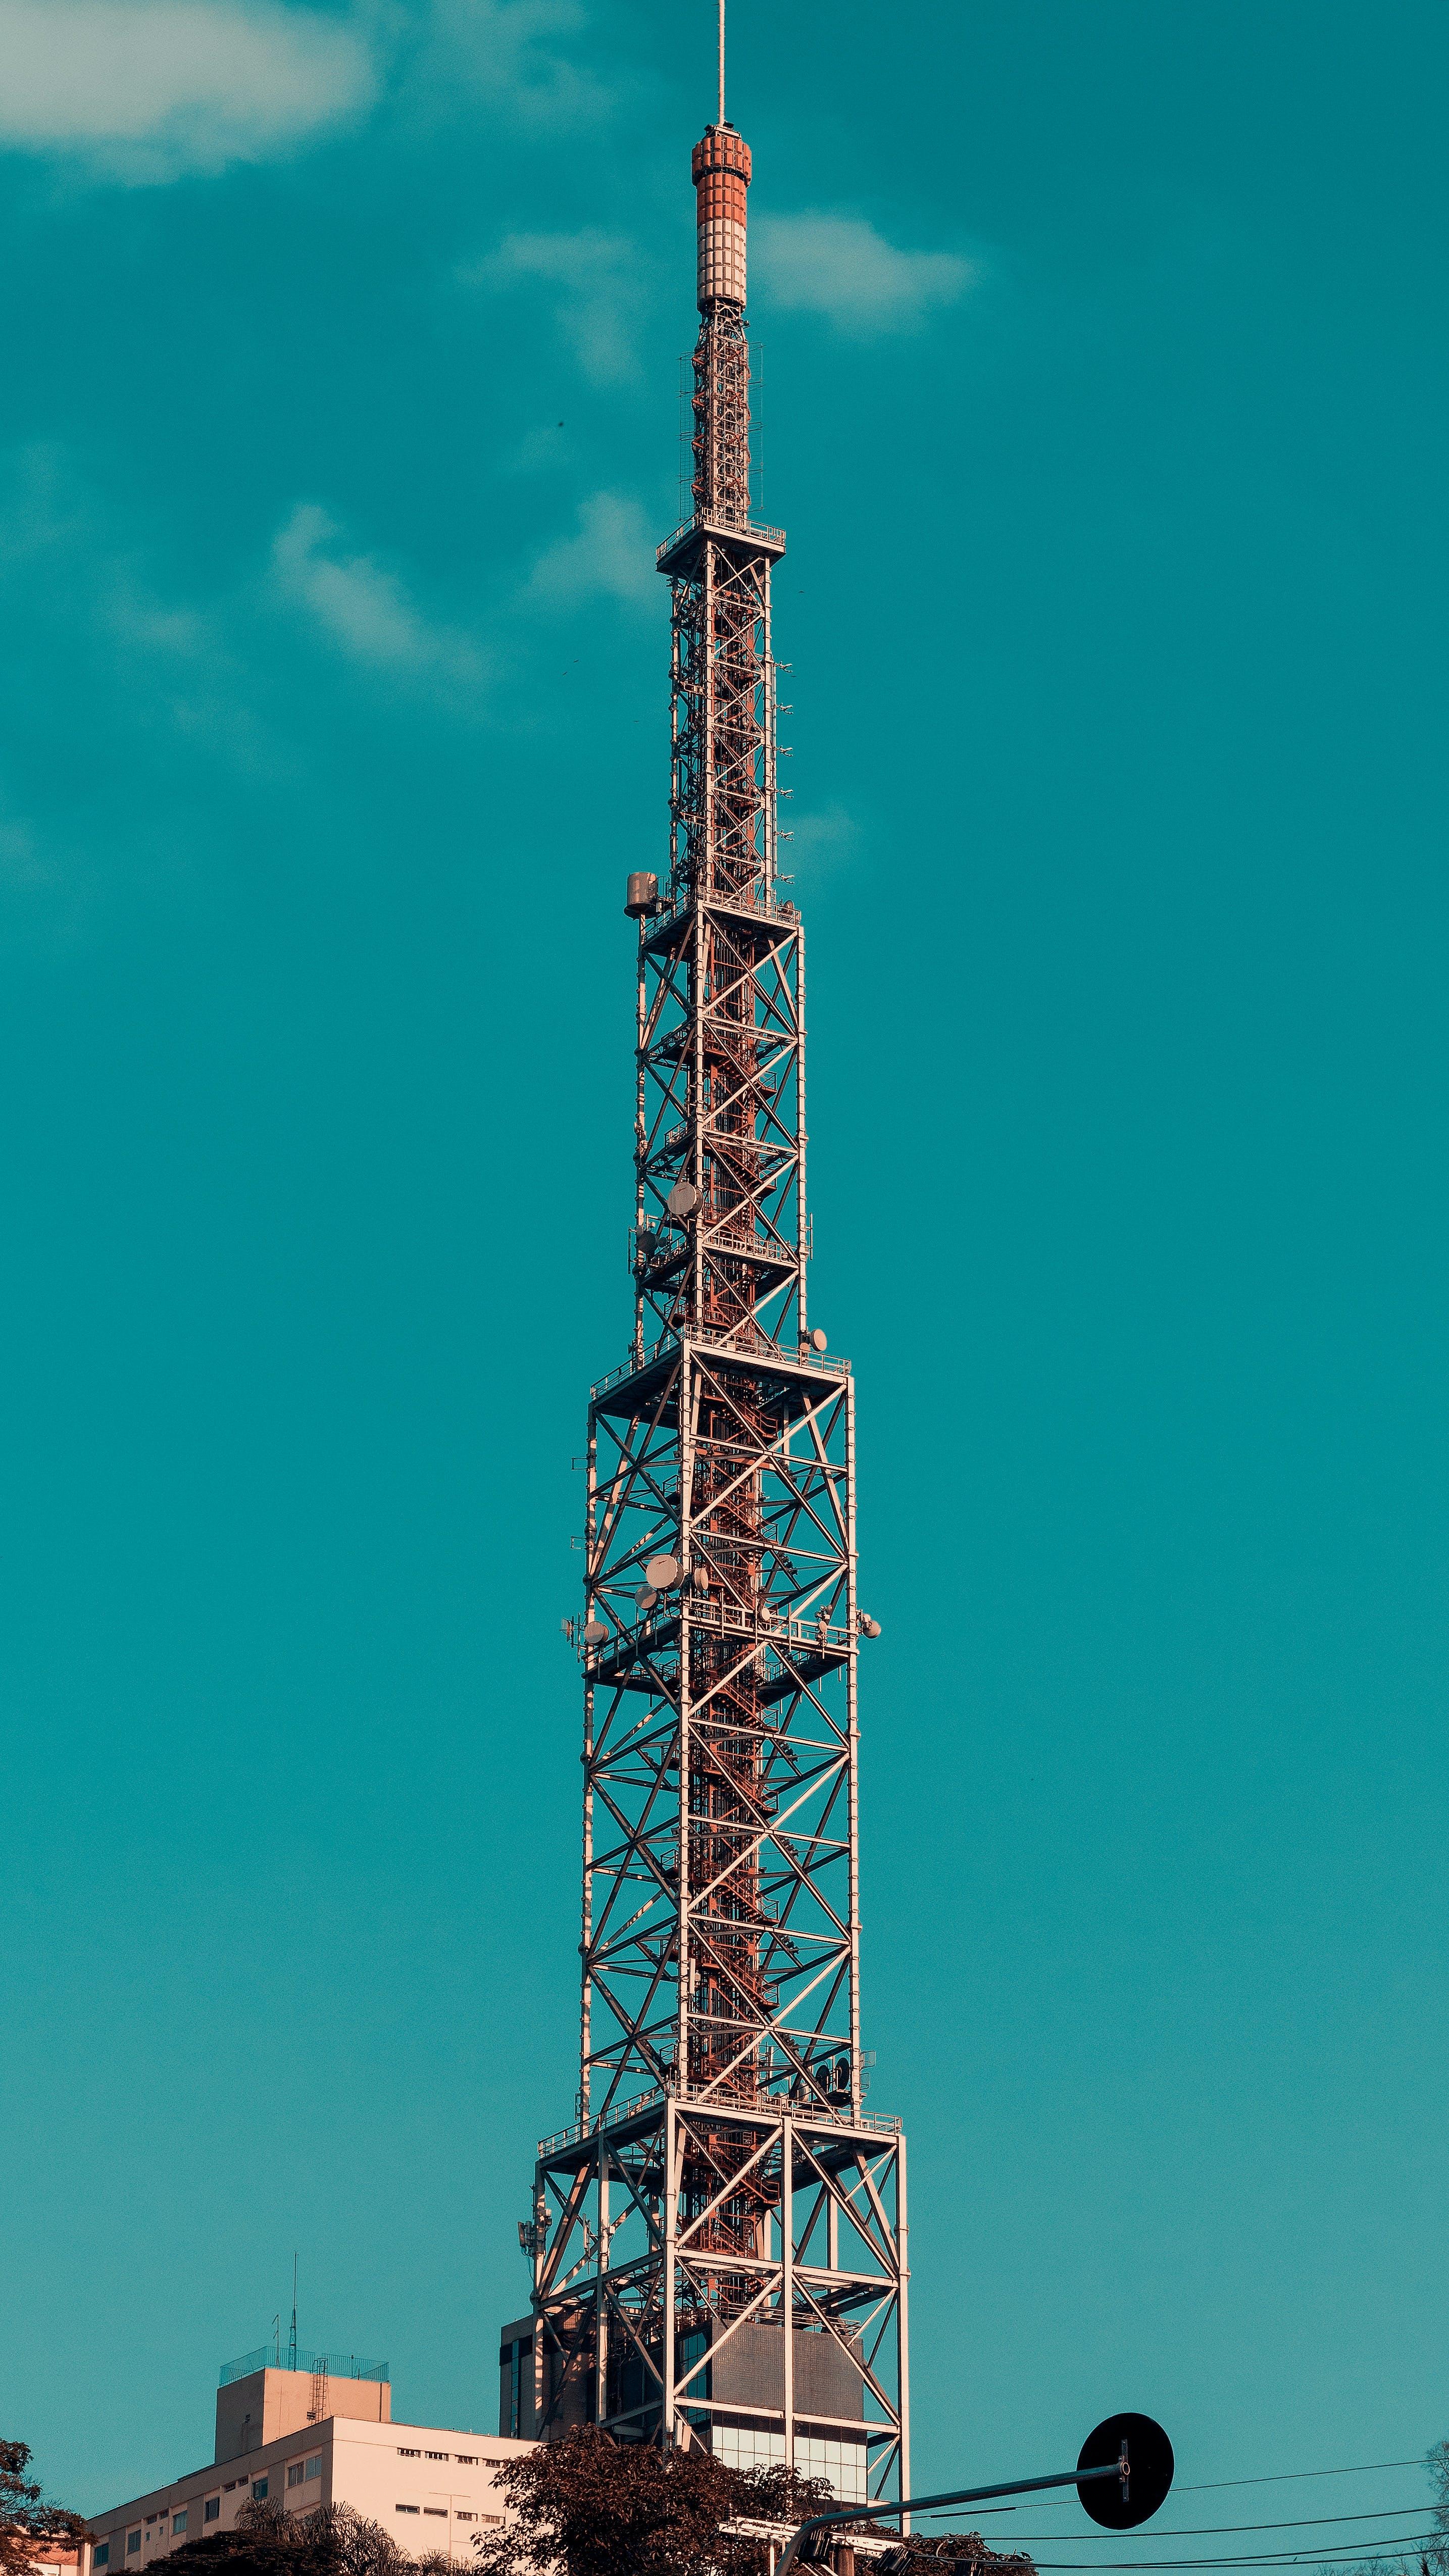 エア放送, ステンレス鋼, タワー